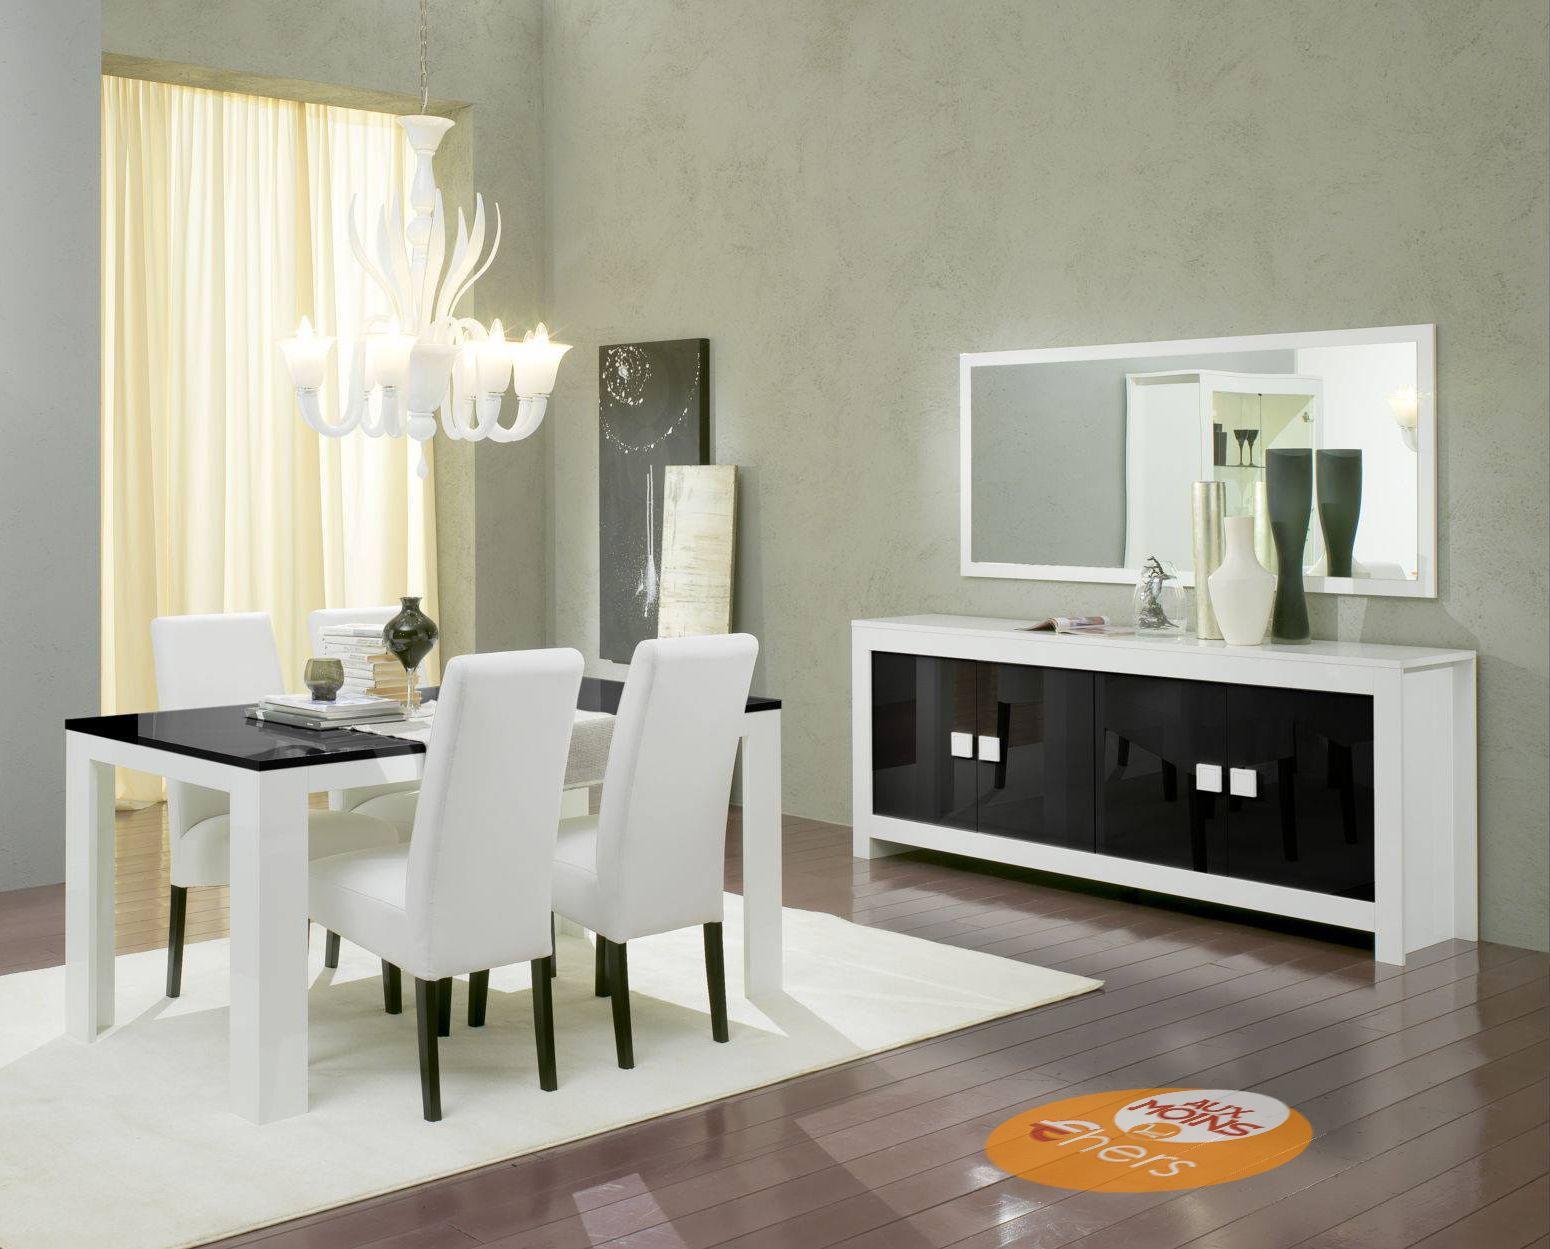 Salle Manger Complte Blanc Et Noir Laqu Picasso Avec Bahut 207 X 44